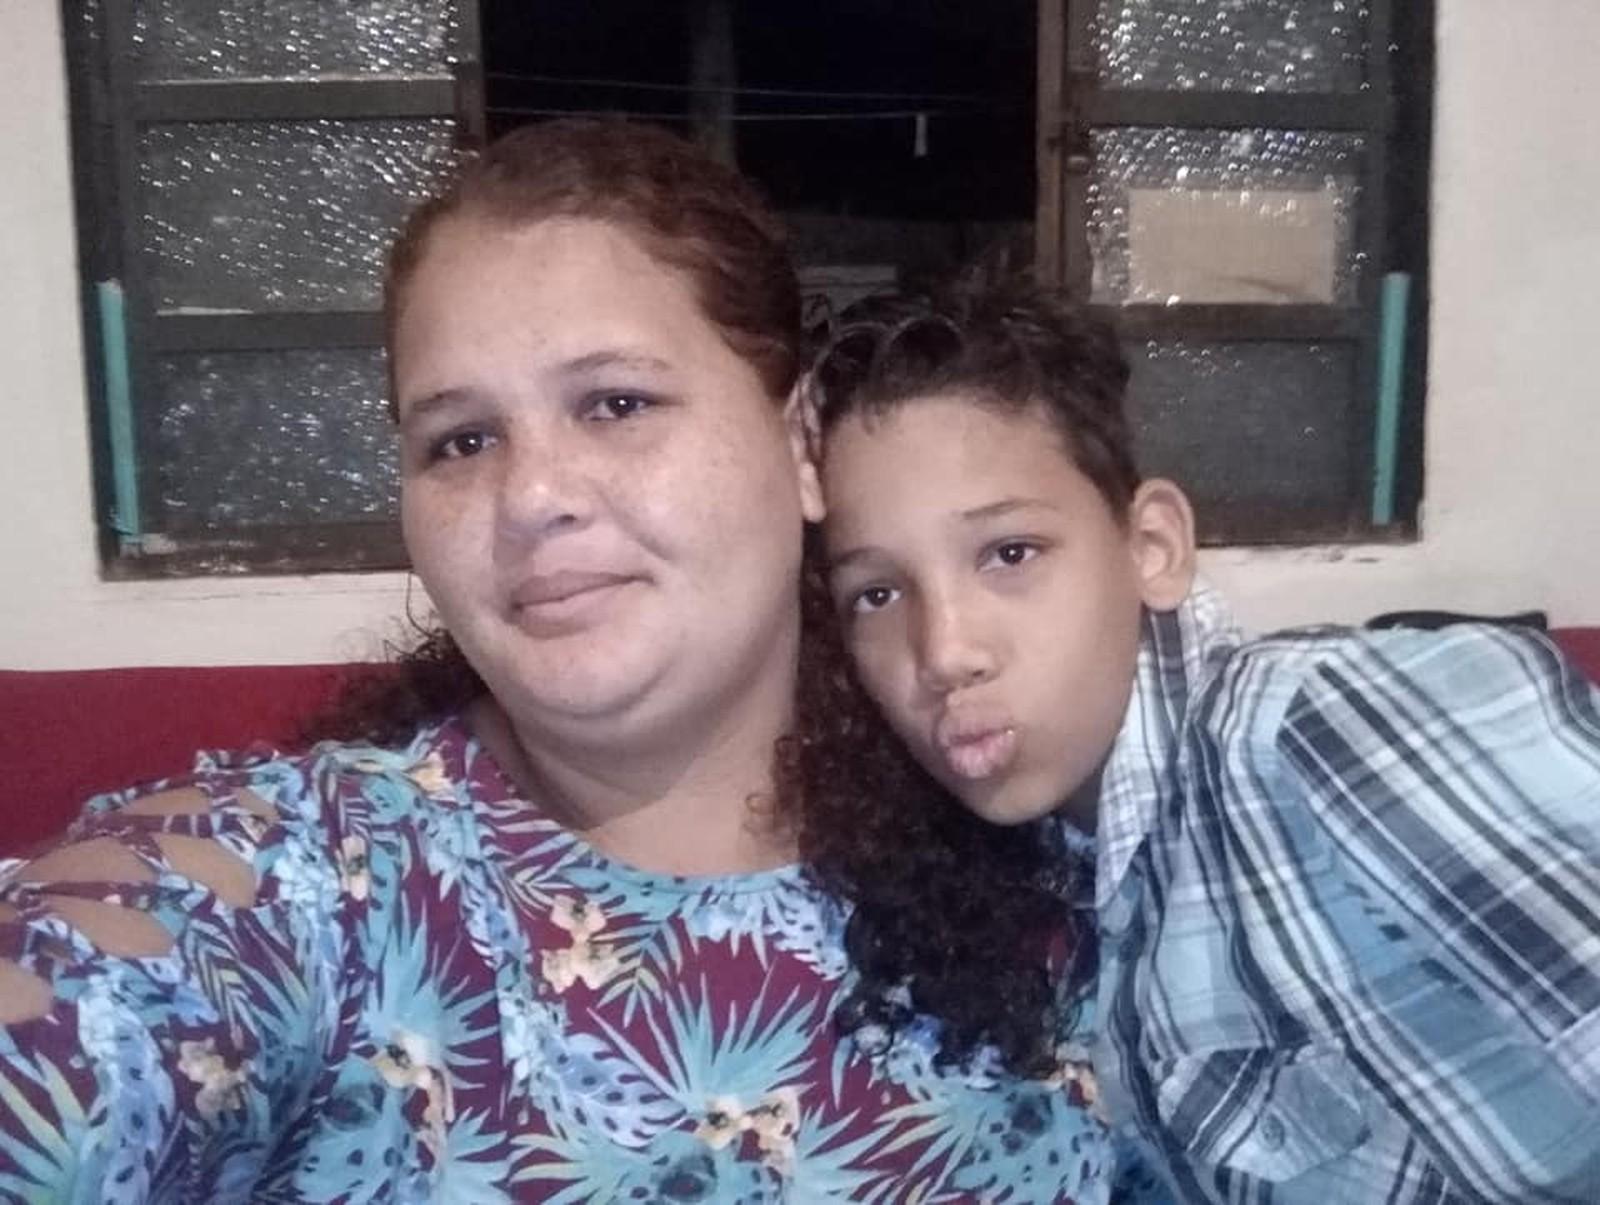 Adolescente morre atropelado e motorista foge sem prestar socorro em Paraguaçu Paulista — Foto: Reprodução/Facebook